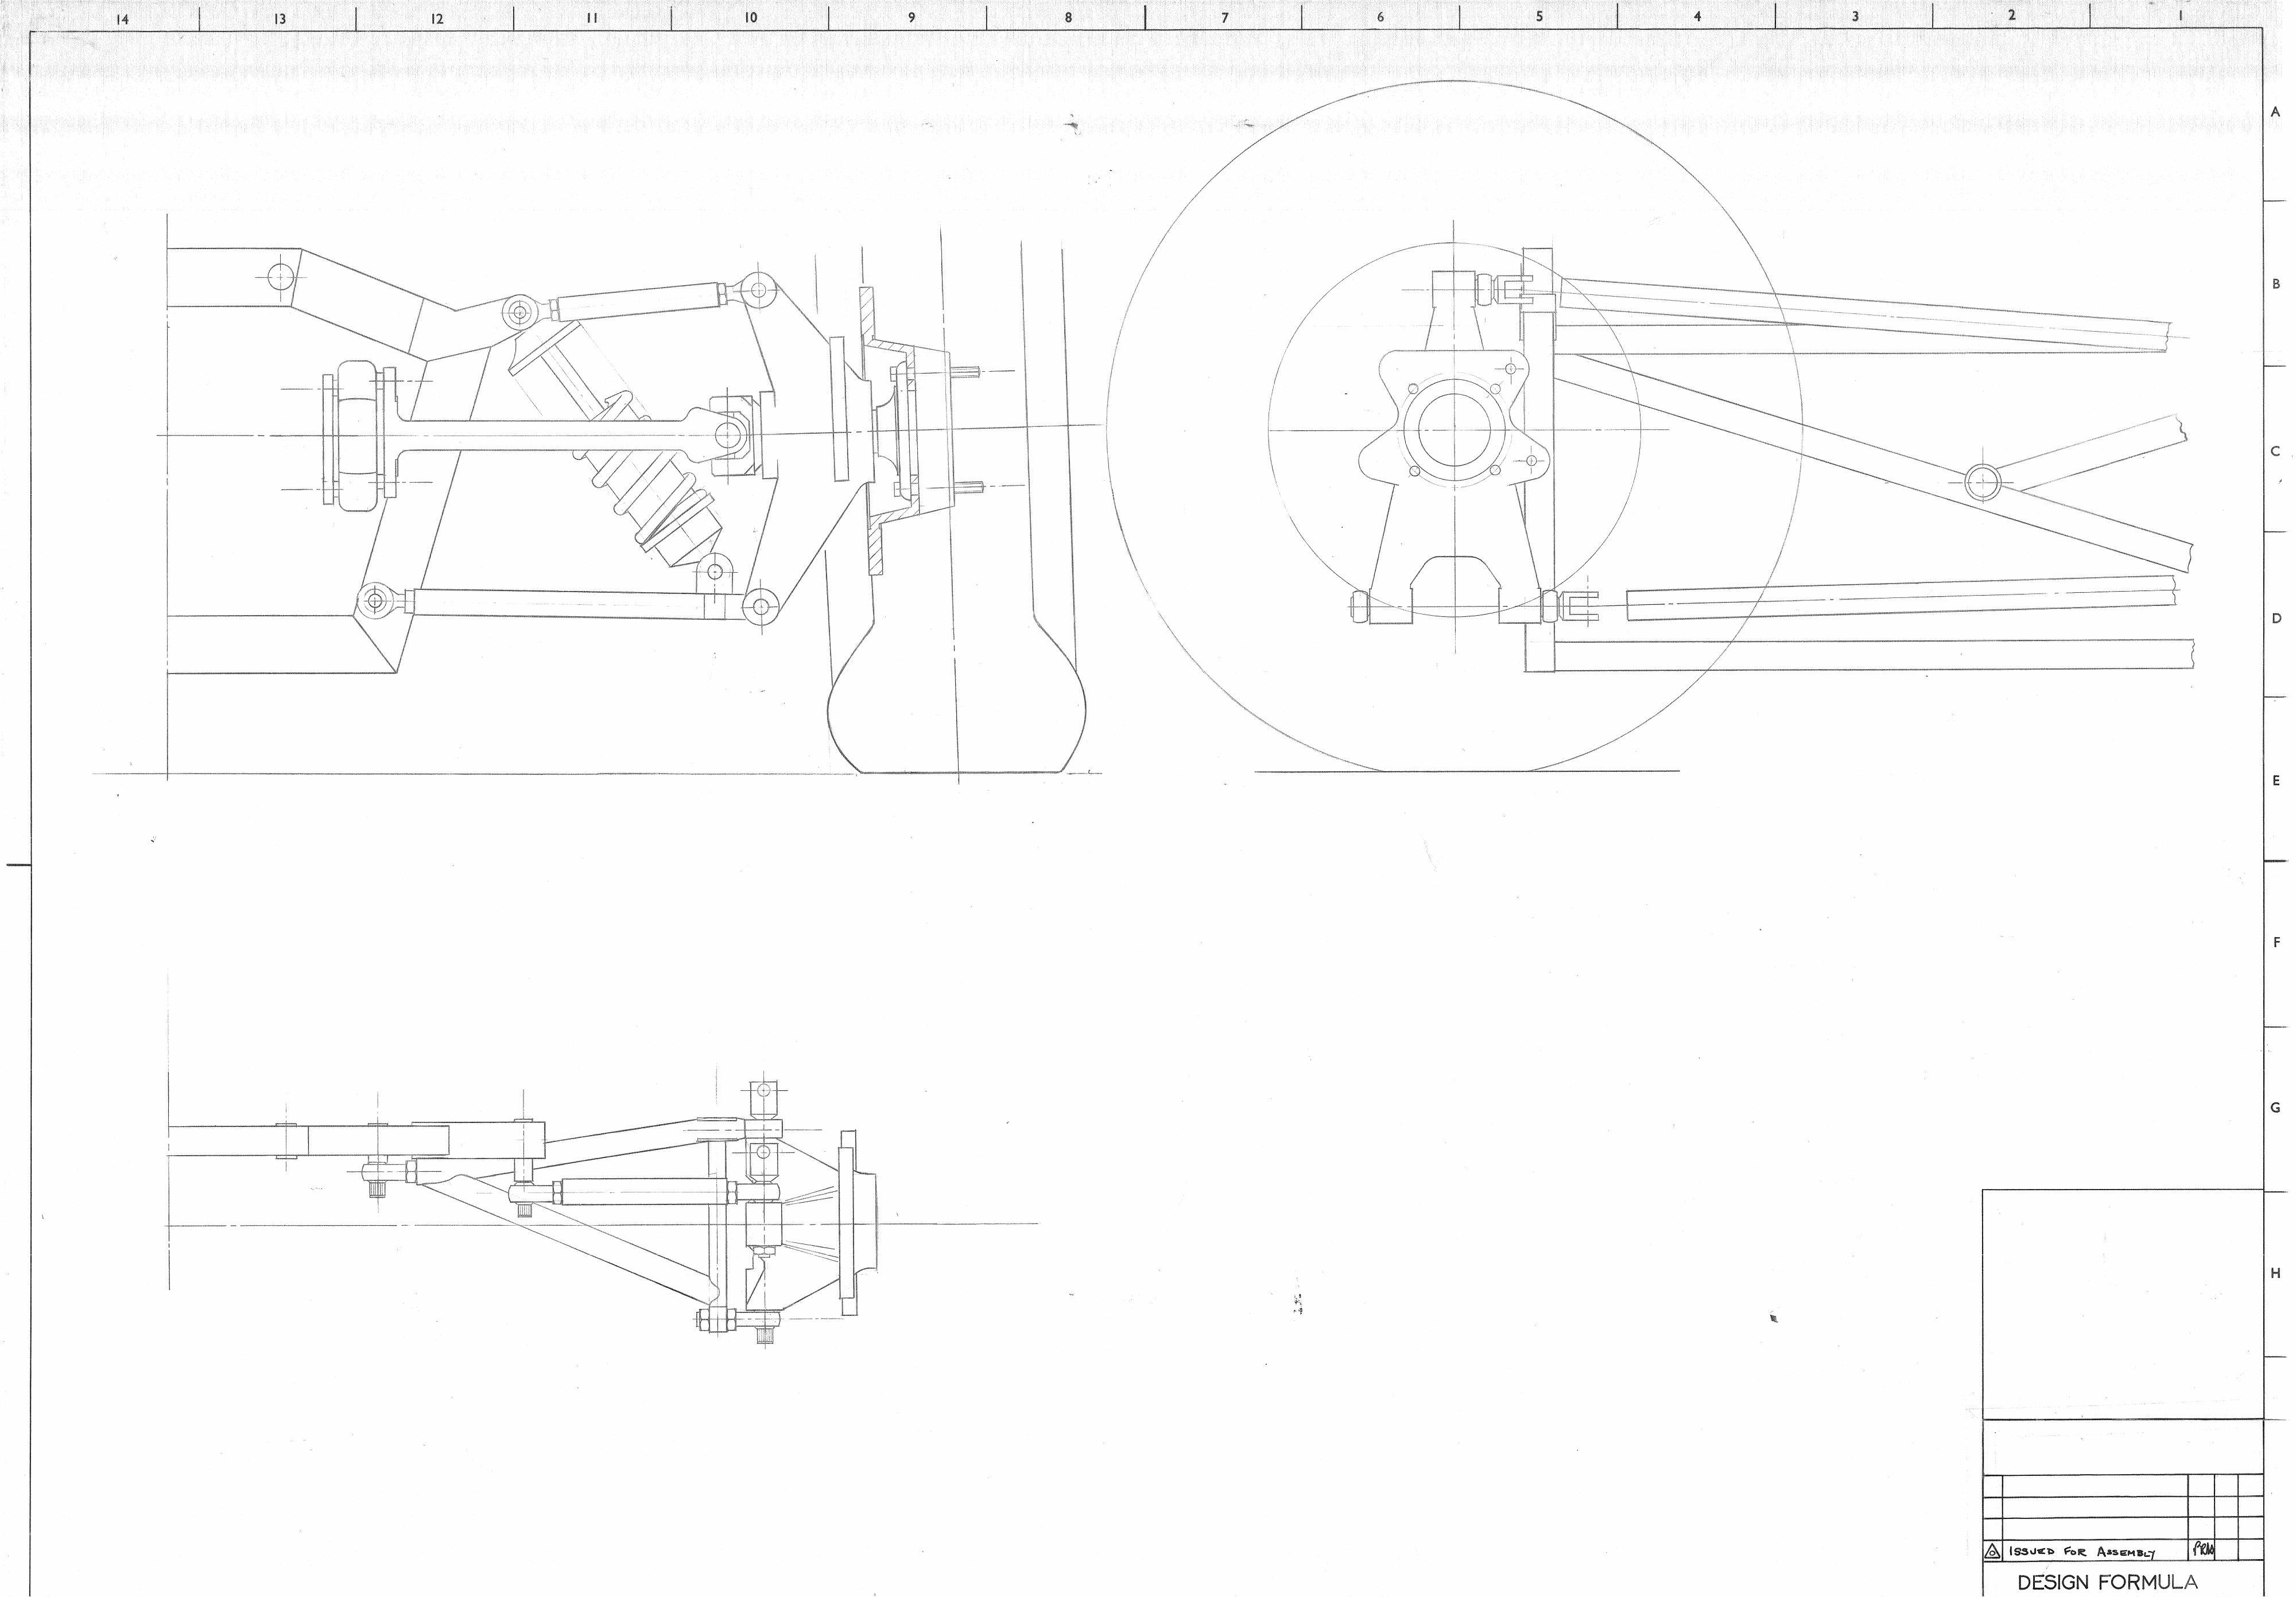 Elden MK 7 8 9 10 11 Rear bulkhead